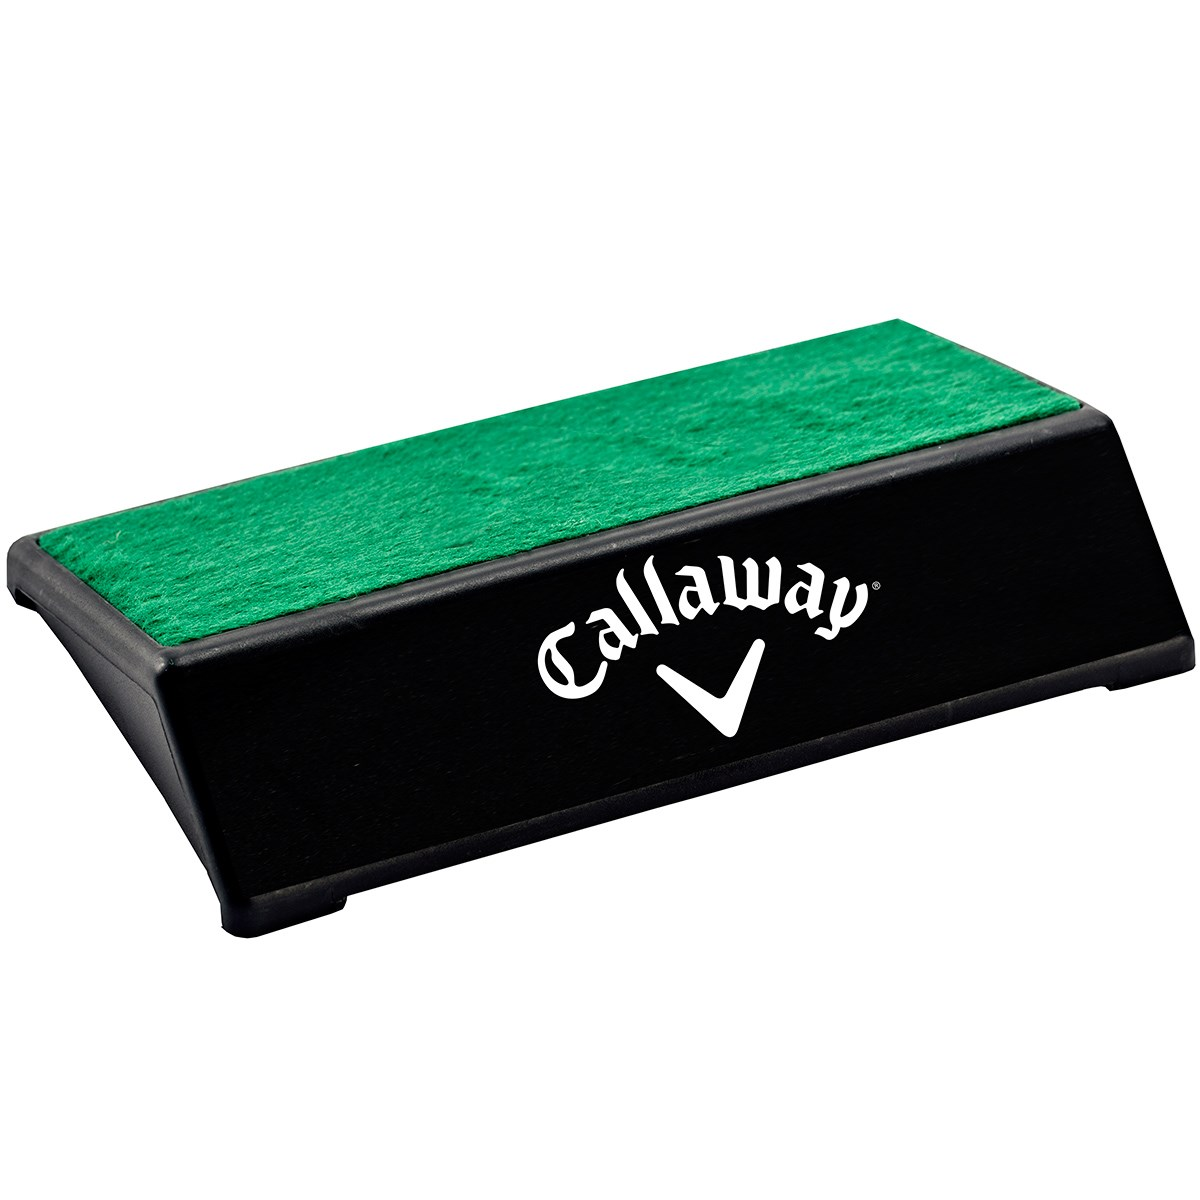 キャロウェイゴルフ Callaway Golf パワープラットフォーム ブラック/グリーン